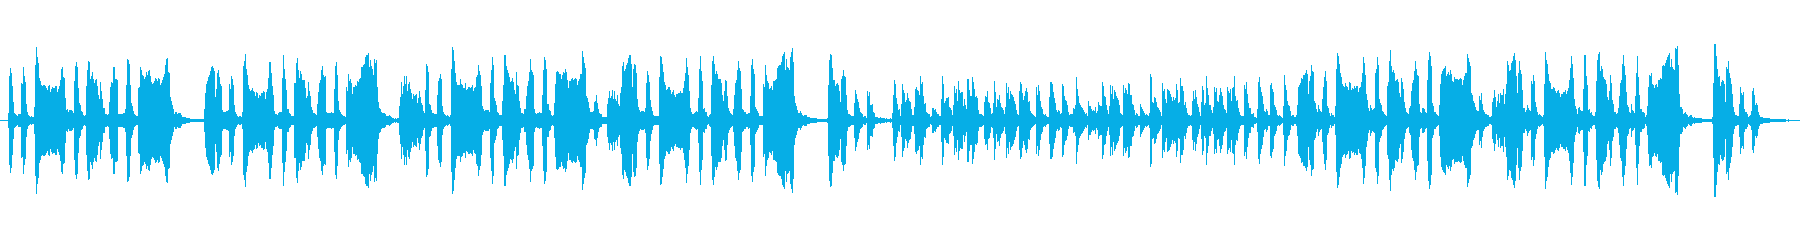 怪しげな森・ケルト風BGMの再生済みの波形